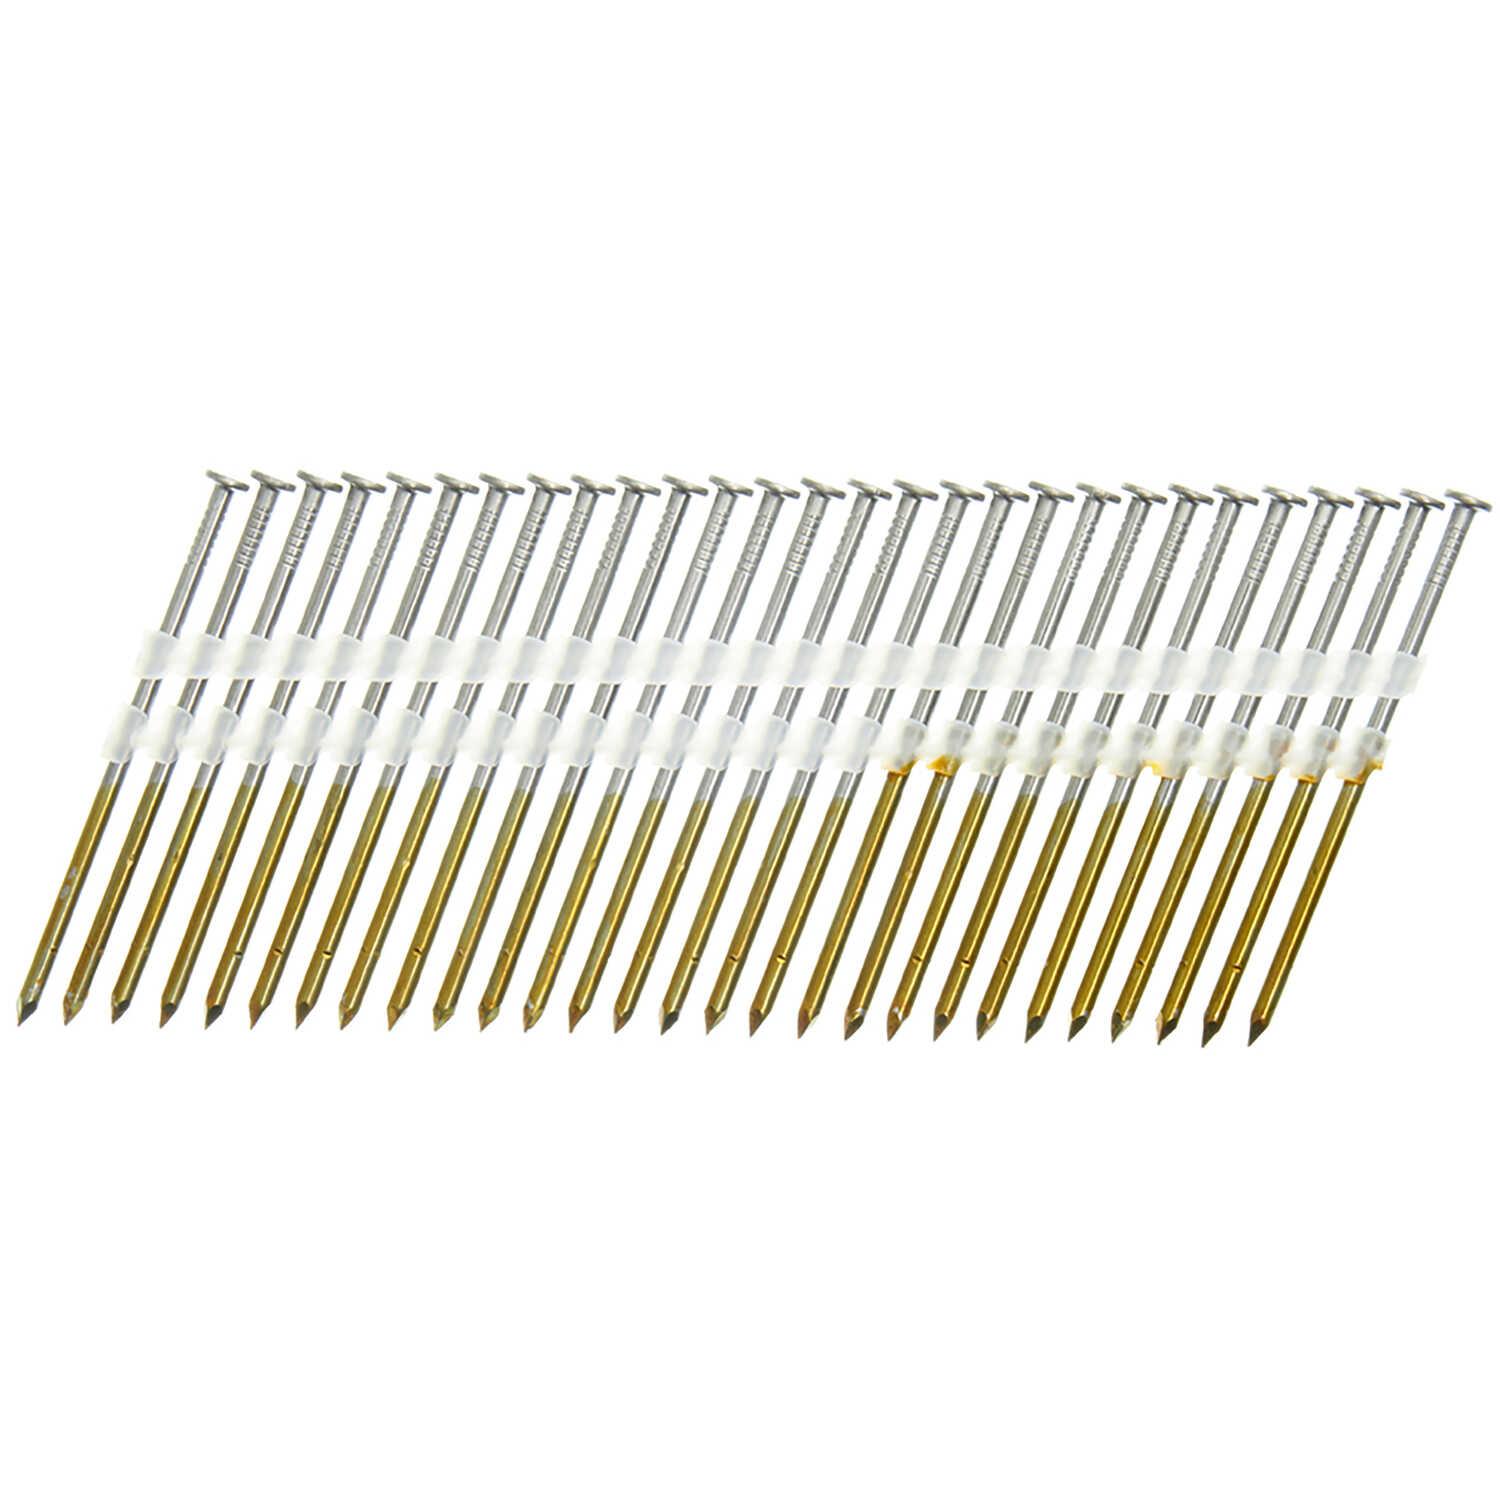 Senco 20 16 Ga. Smooth Shank Angled Strip Framing Nails 3-1/4 in. L ...